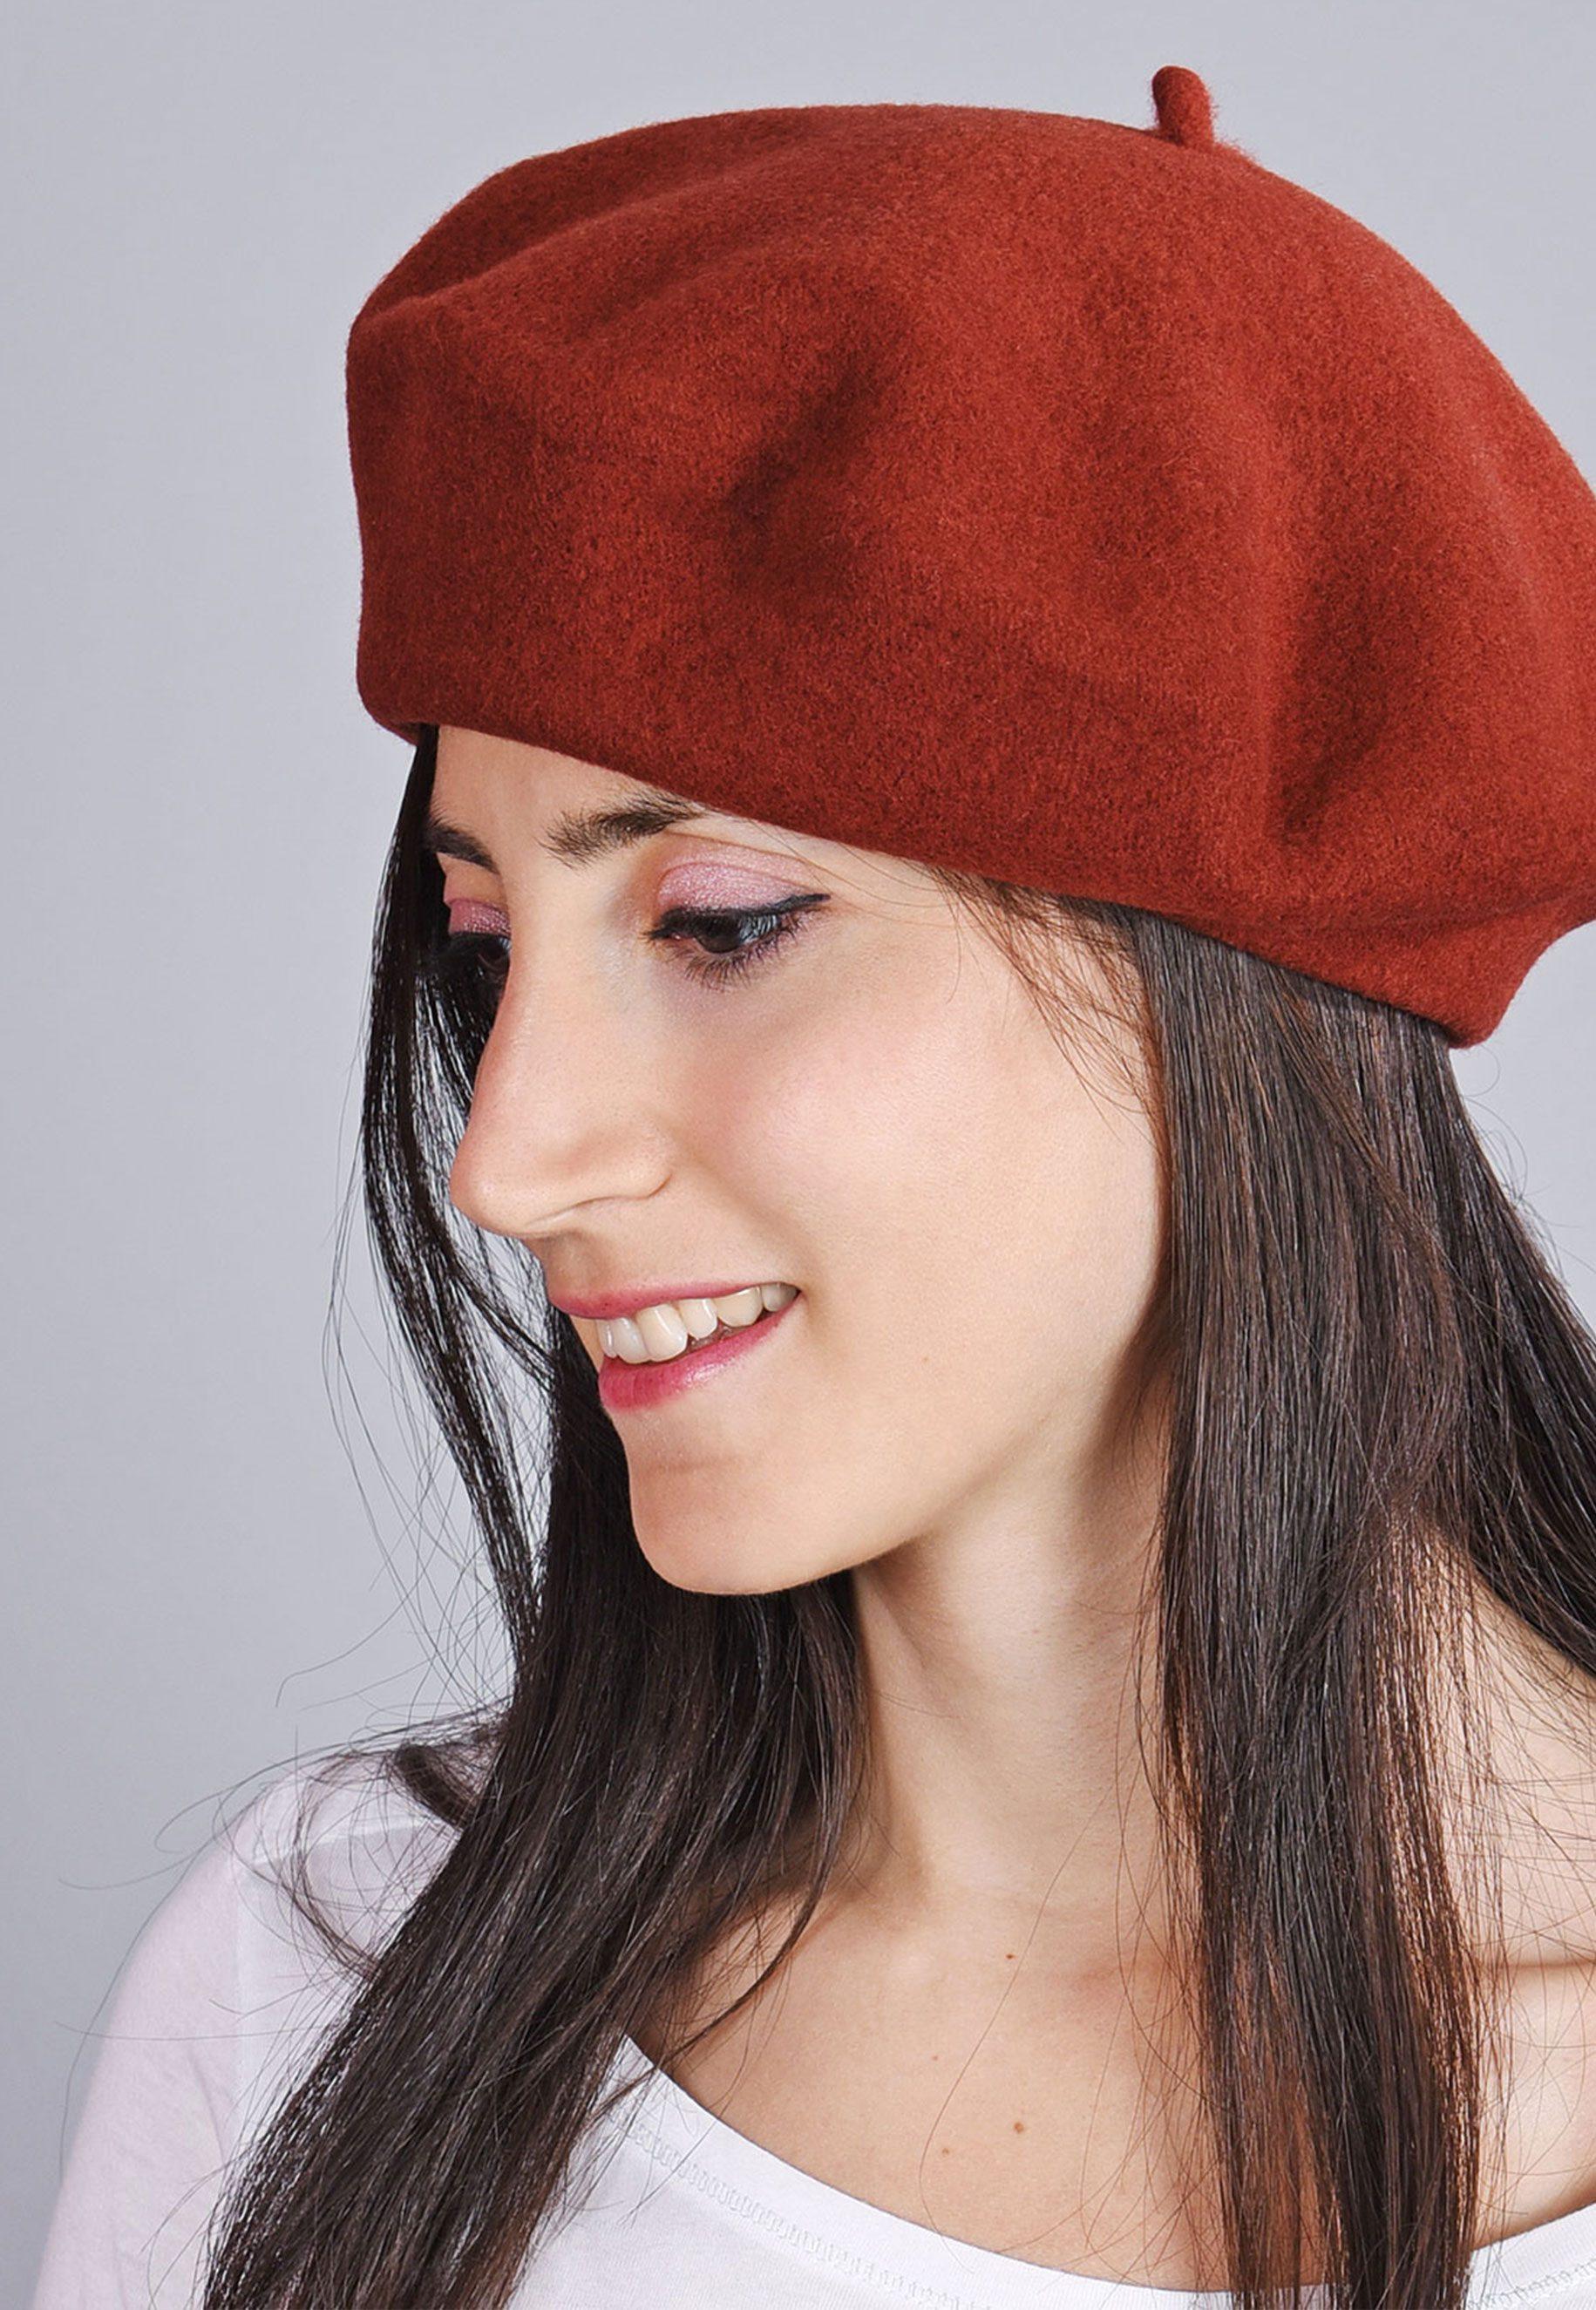 http://lookbook.allee-du-foulard.fr/wp-content/uploads/2018/09/0699-ADF-Accessoires-de-mode-LB-Colorama-automne-Produit-Beret_yva-1831x2650.jpg